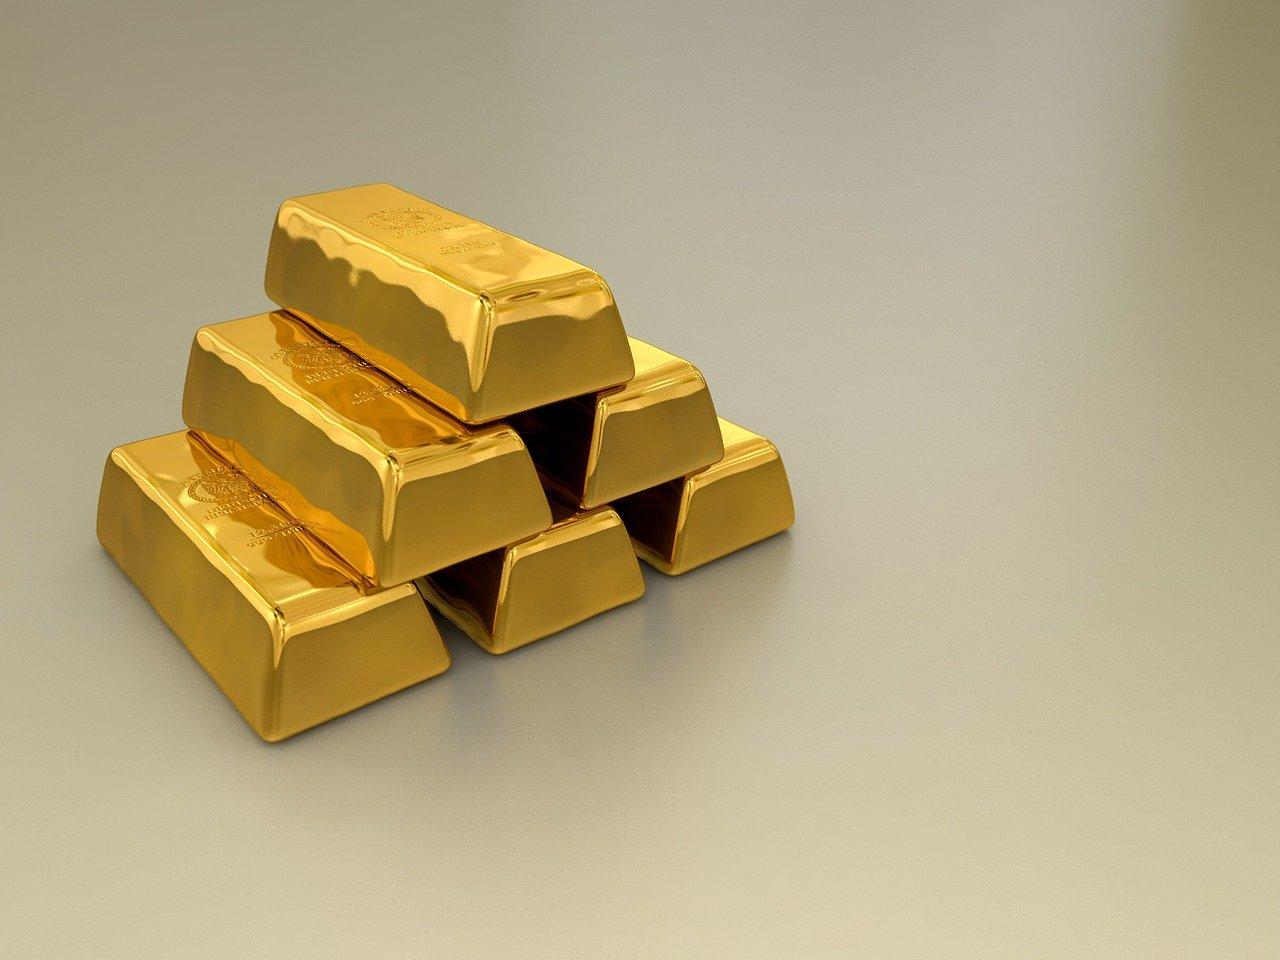 cours de l'or fin décembre 2019